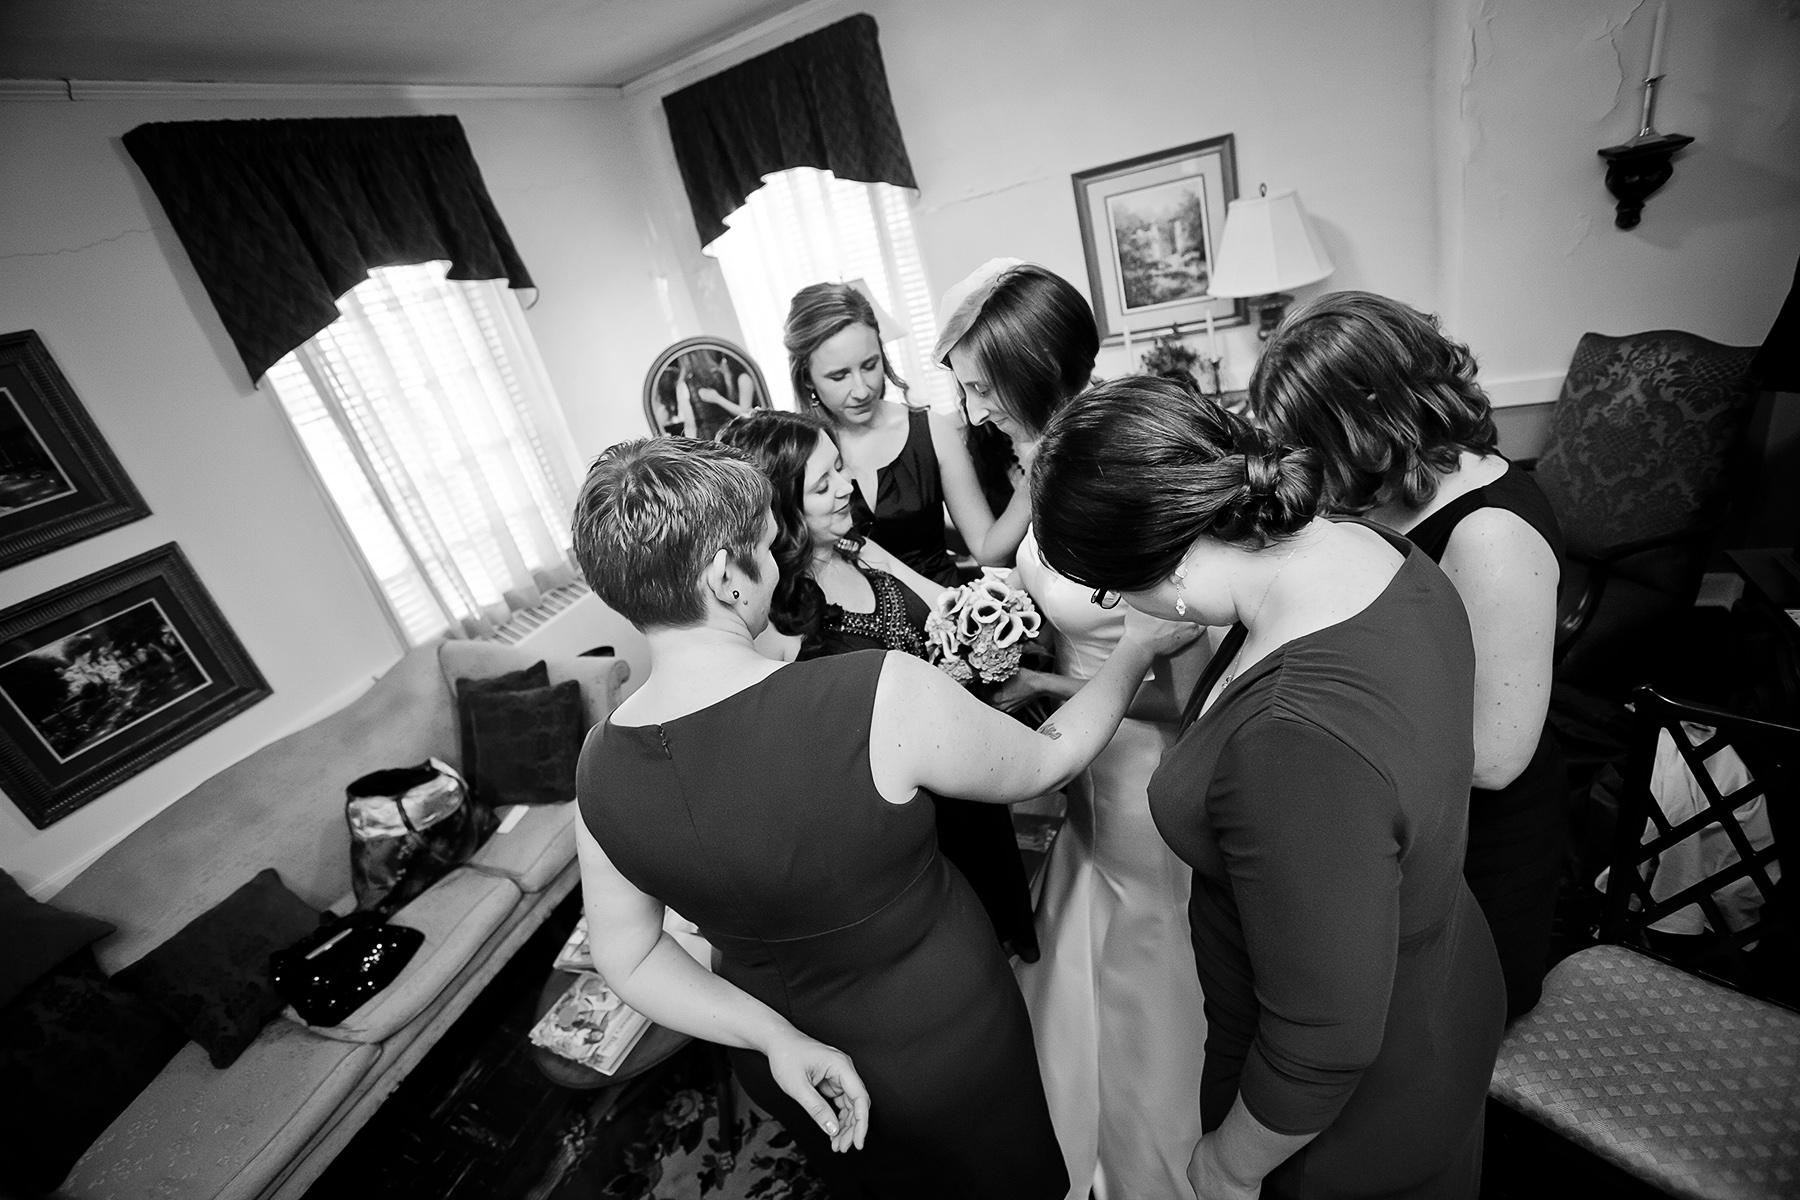 Grace United Methodist Church, GA Trouwfoto's | De bruid is omringd door haar bruidsmeisjes